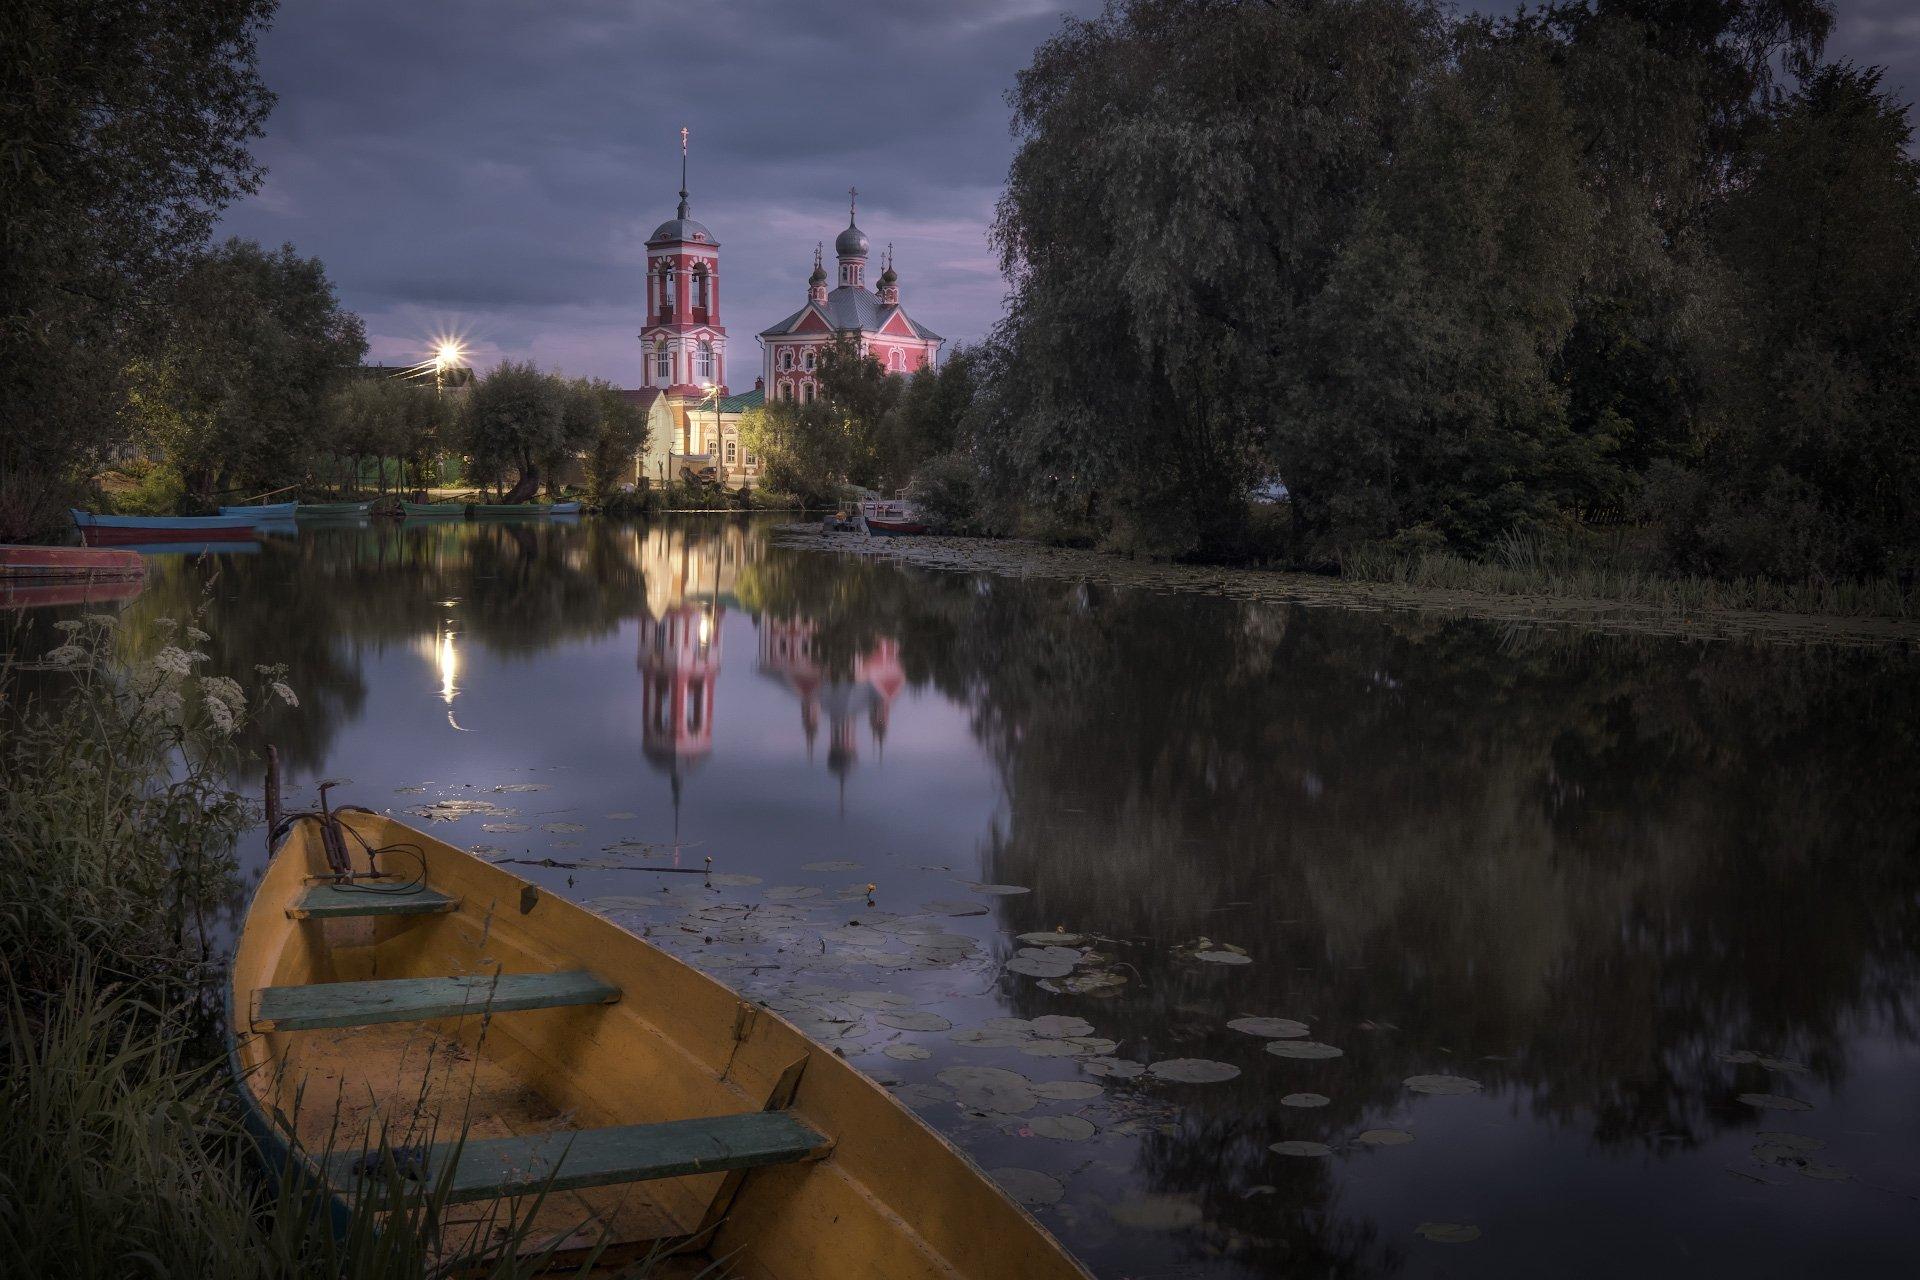 пейзаж, переславль, трубеж, устье, церковь, ночь, рассвет, Андрей Чиж